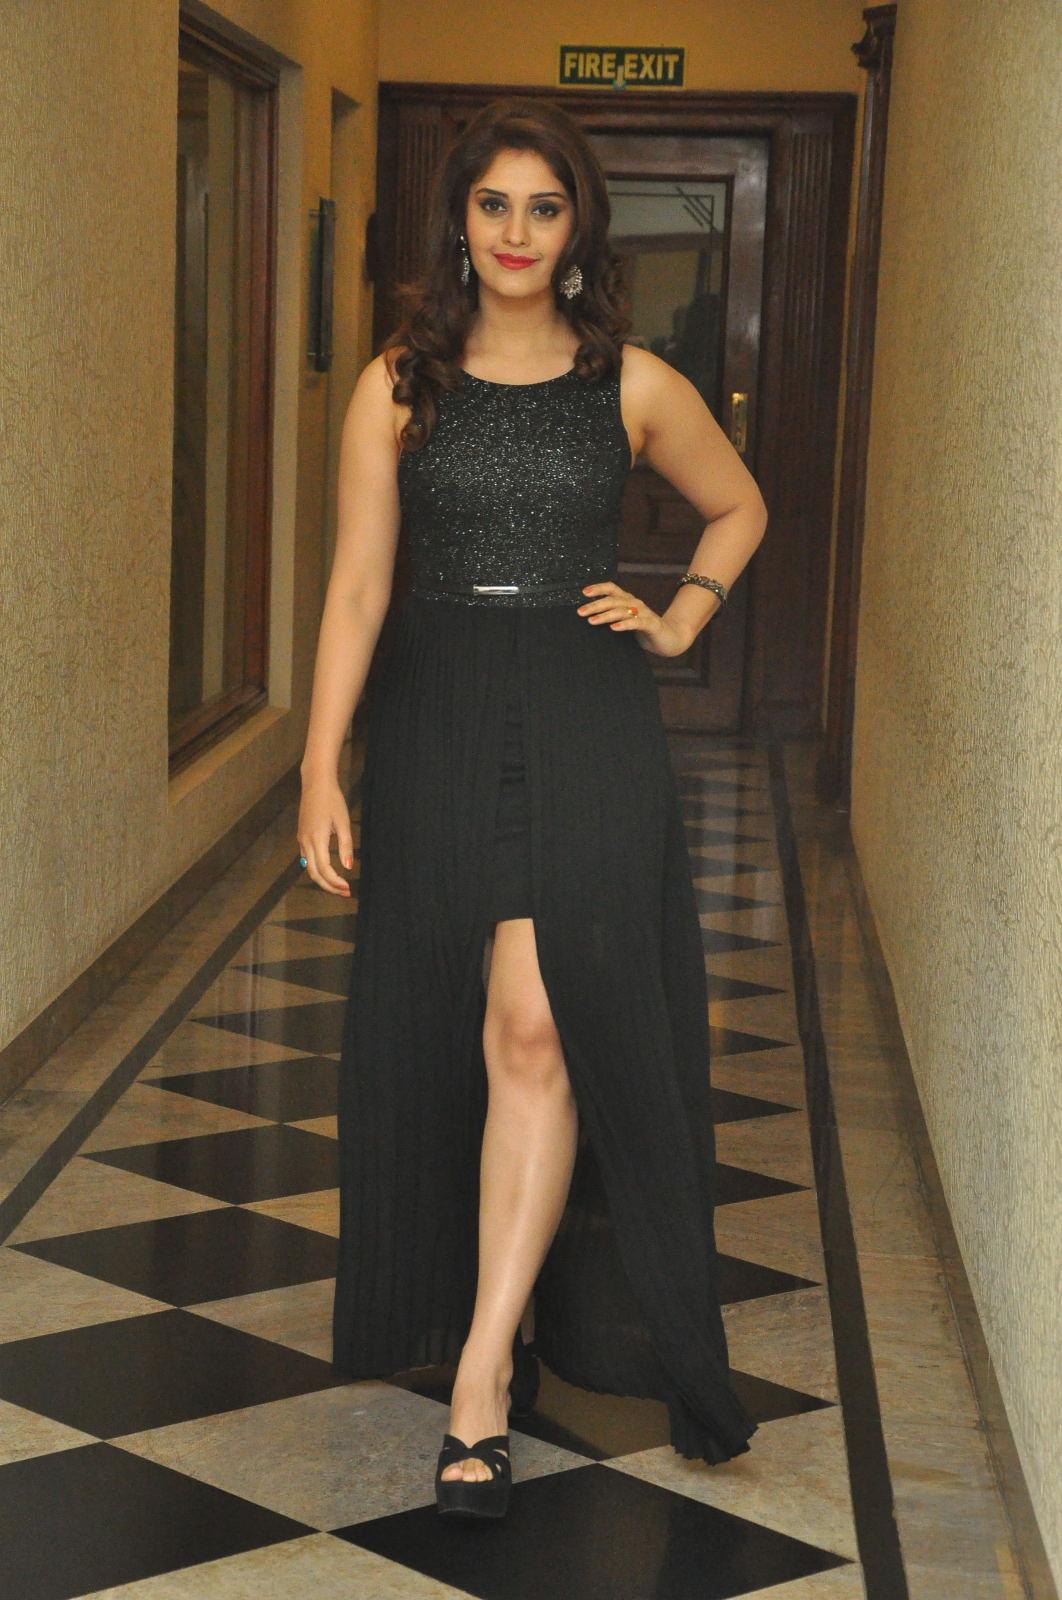 Beautiful Pics Of Actress Surabhi | South Actresses | Cinema World surabhi Beautiful Pics Of Actress Surabhi | South Actresses | Cinema World Surabhi 154